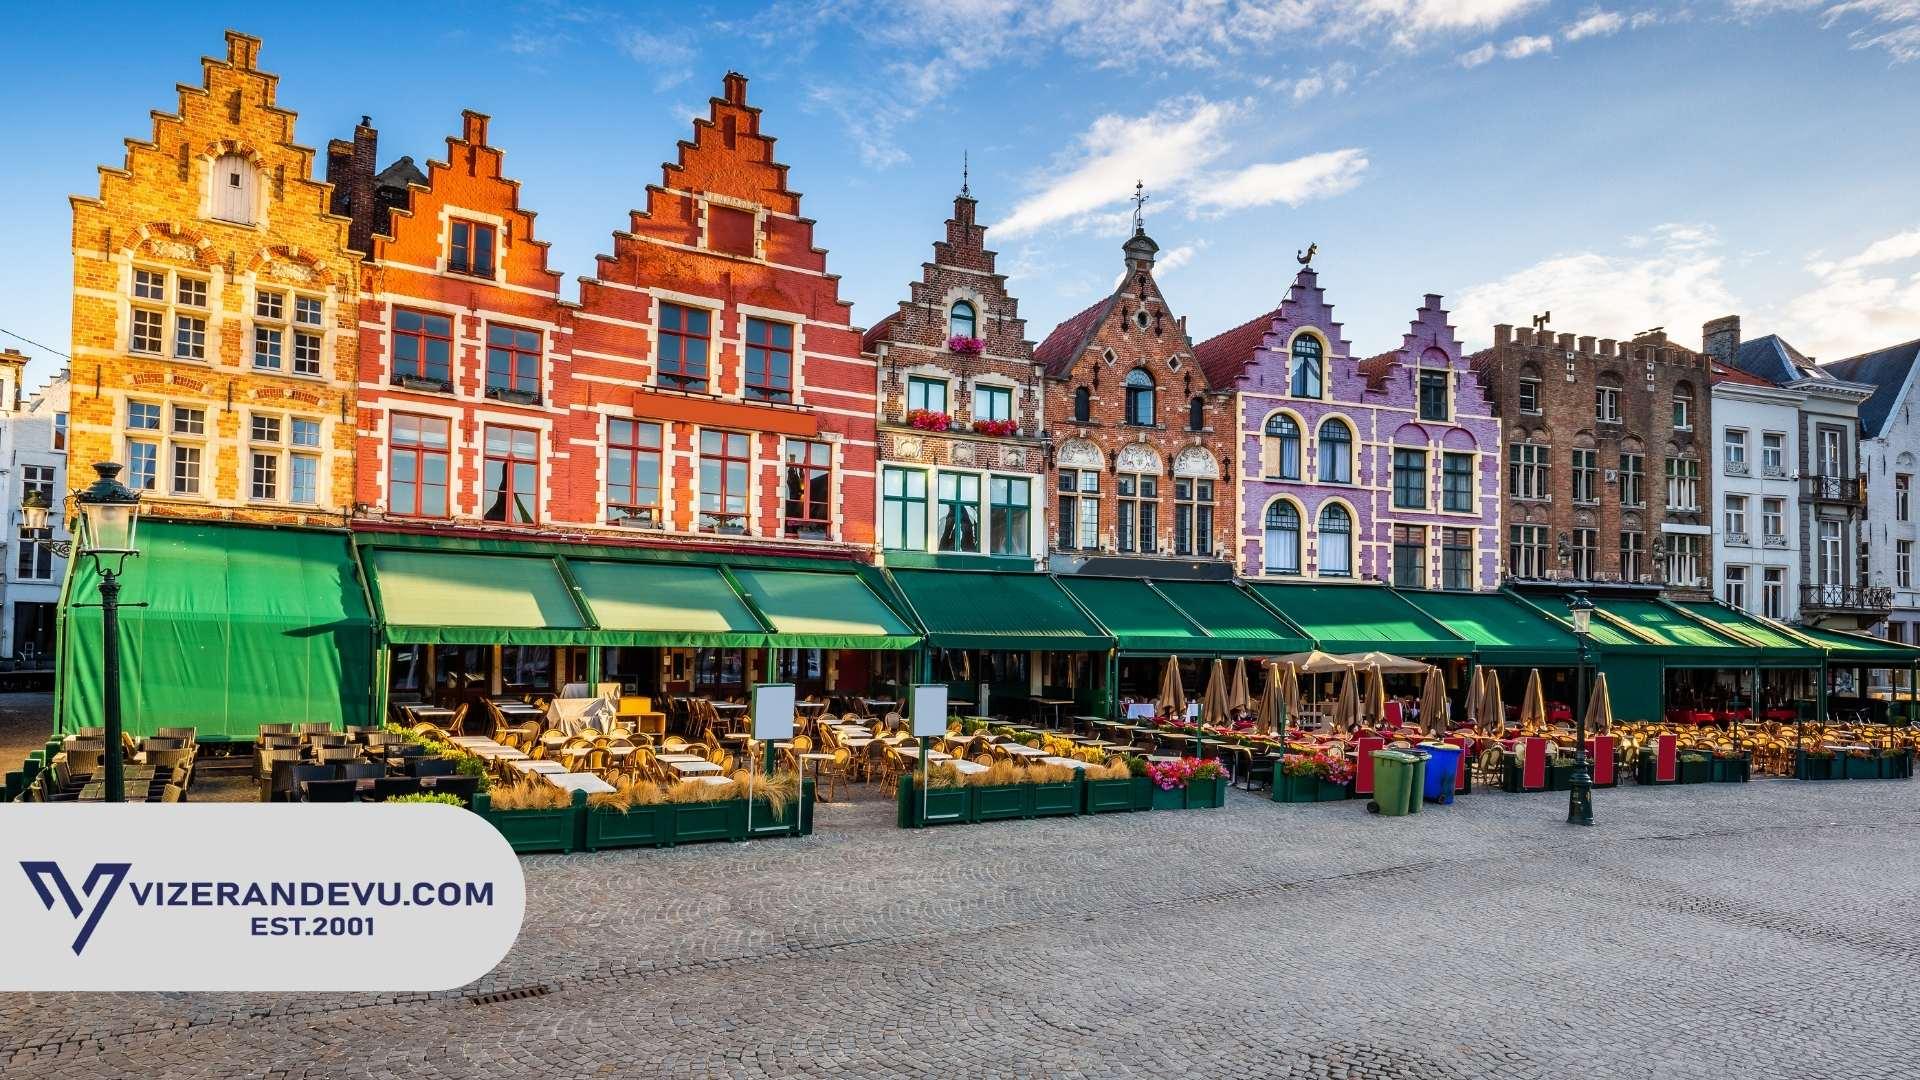 Belçika da Çalışma Durumuna Göre Vize İçin Gerekli Belgeler